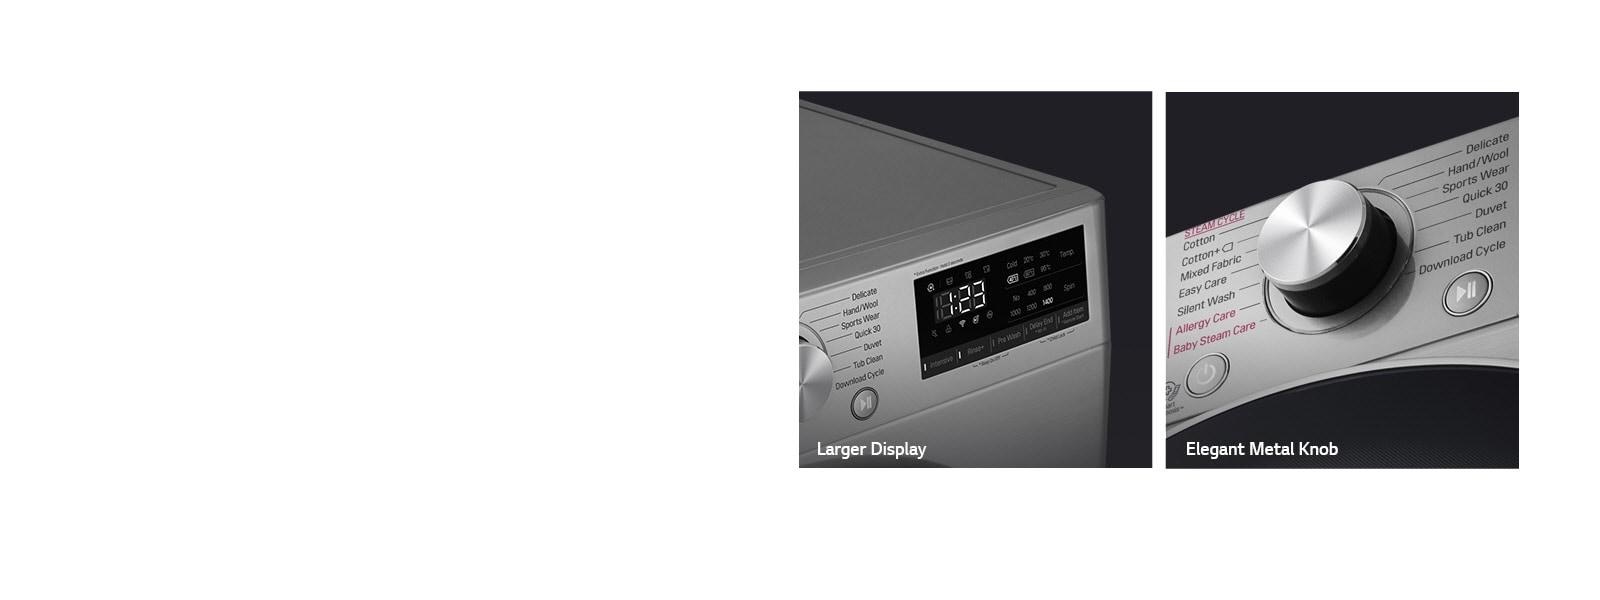 WM-Vivace-V400-C4R-VCM-06-Design-Desktop